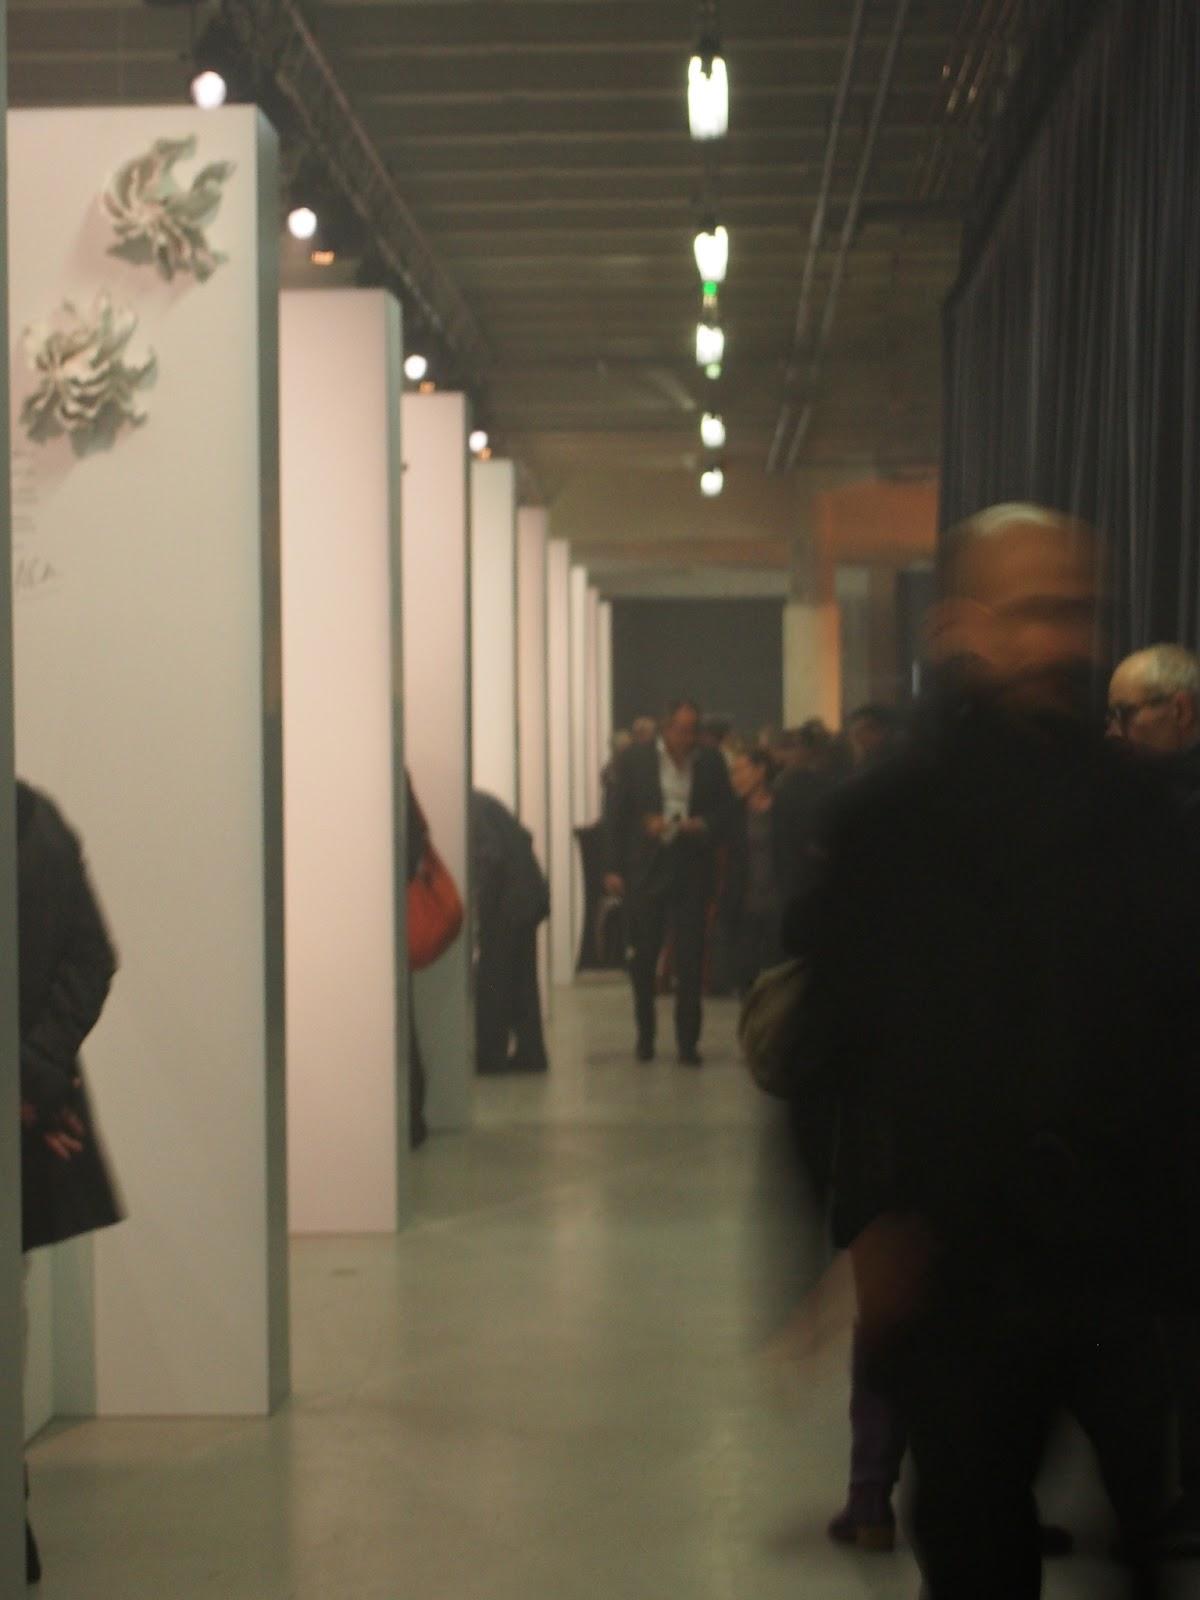 vernissage exposition journ es europ ennes des m tiers d 39 art 2013 palais de tokyo madame. Black Bedroom Furniture Sets. Home Design Ideas